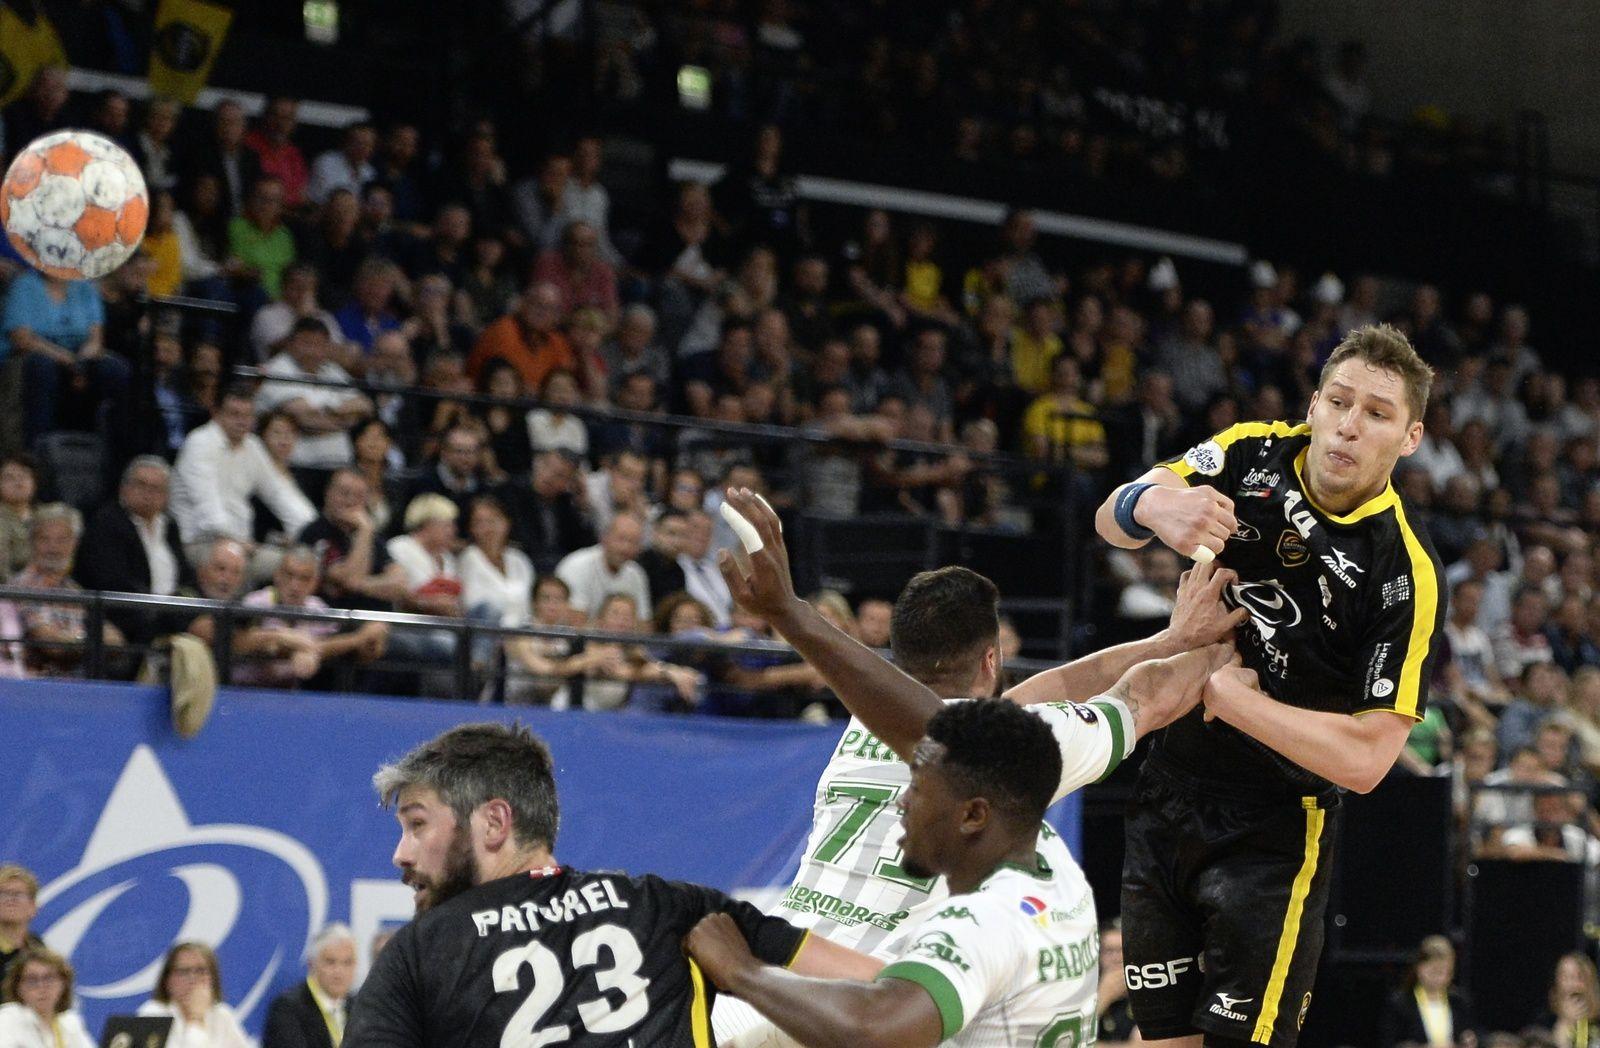 LSL Chaud contre Nîmes mais un clap de fin sur une saison grandiose, les photos du match.